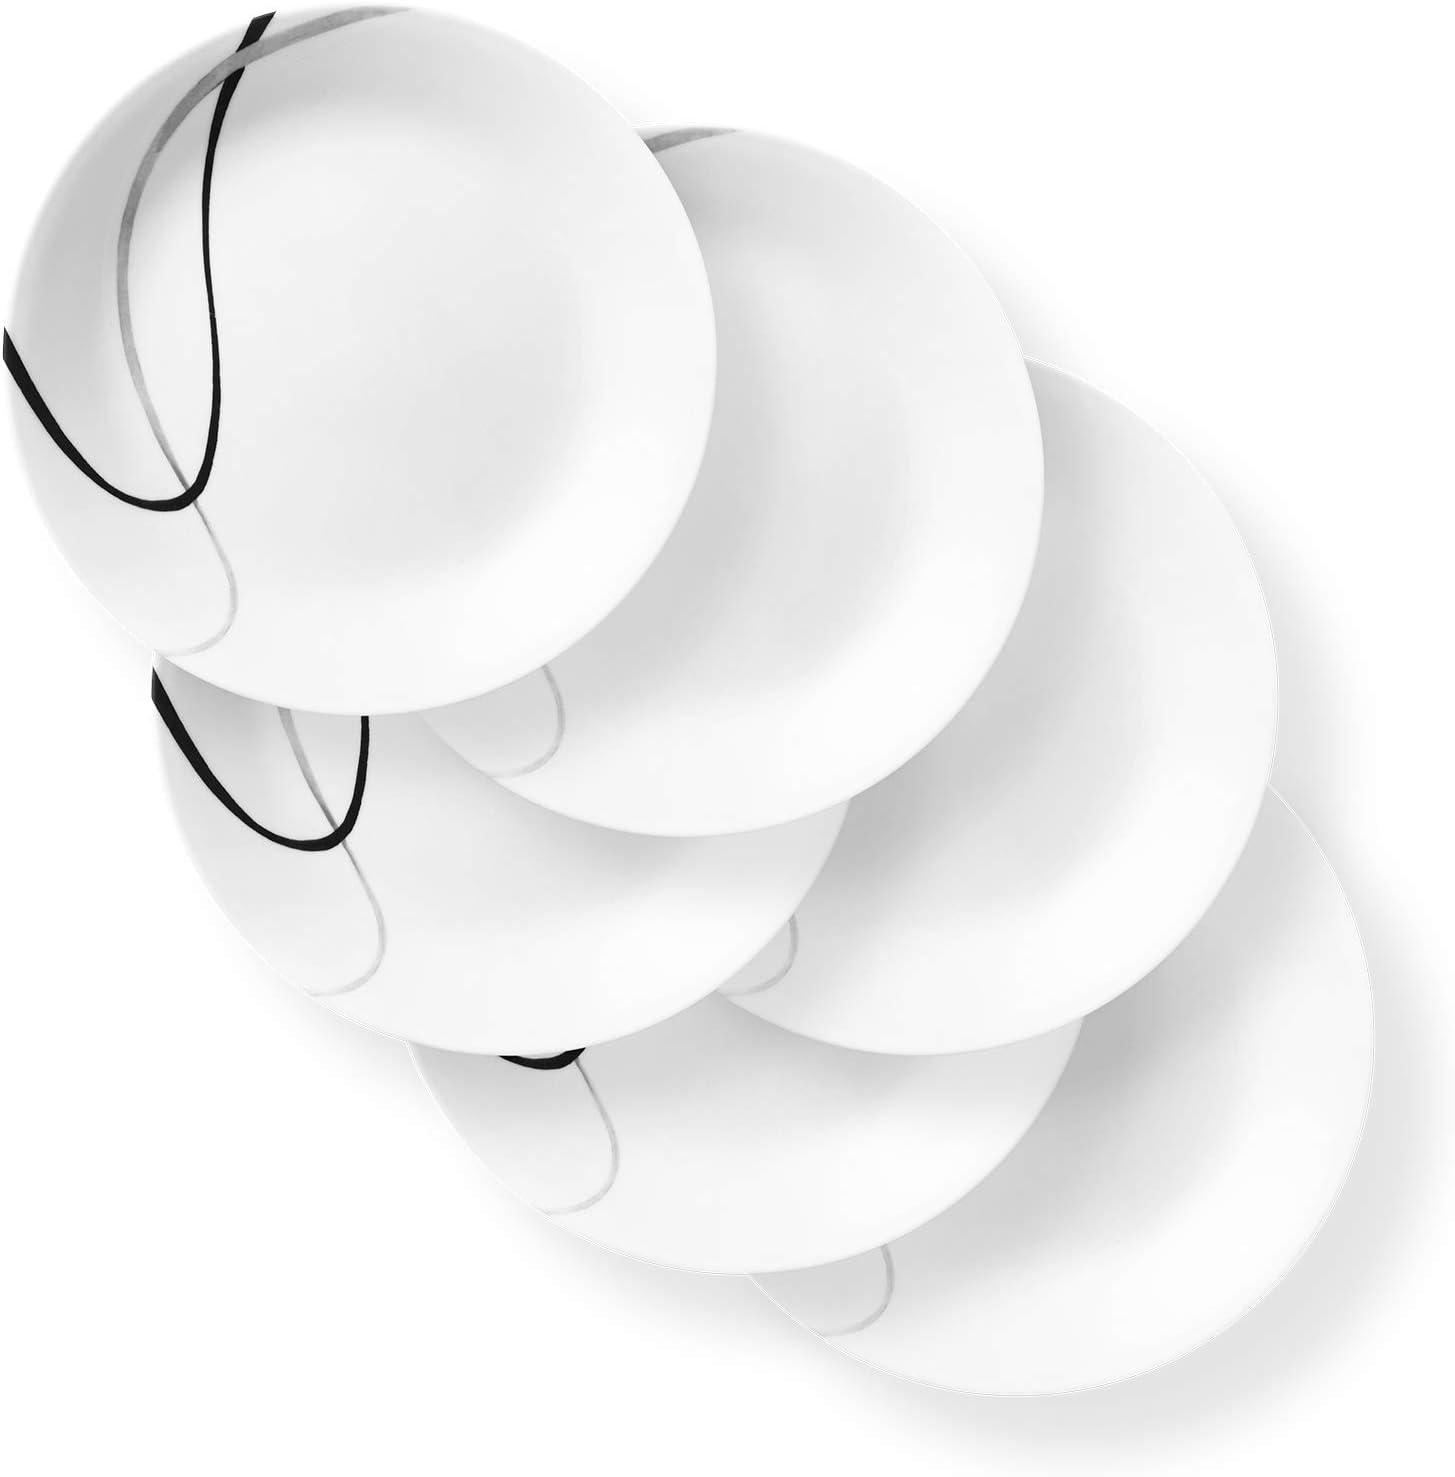 Corelle Chip Resistant Dinnerware Set, 6-Piece, City Ribbon